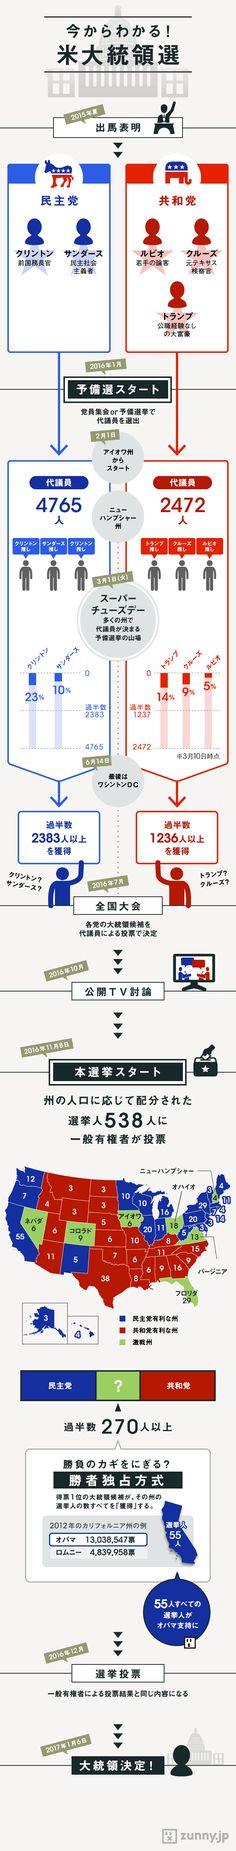 【復習】アメリカ大統領選挙の仕組みを知ろう | ZUNNY インフォグラフィック・ニュース